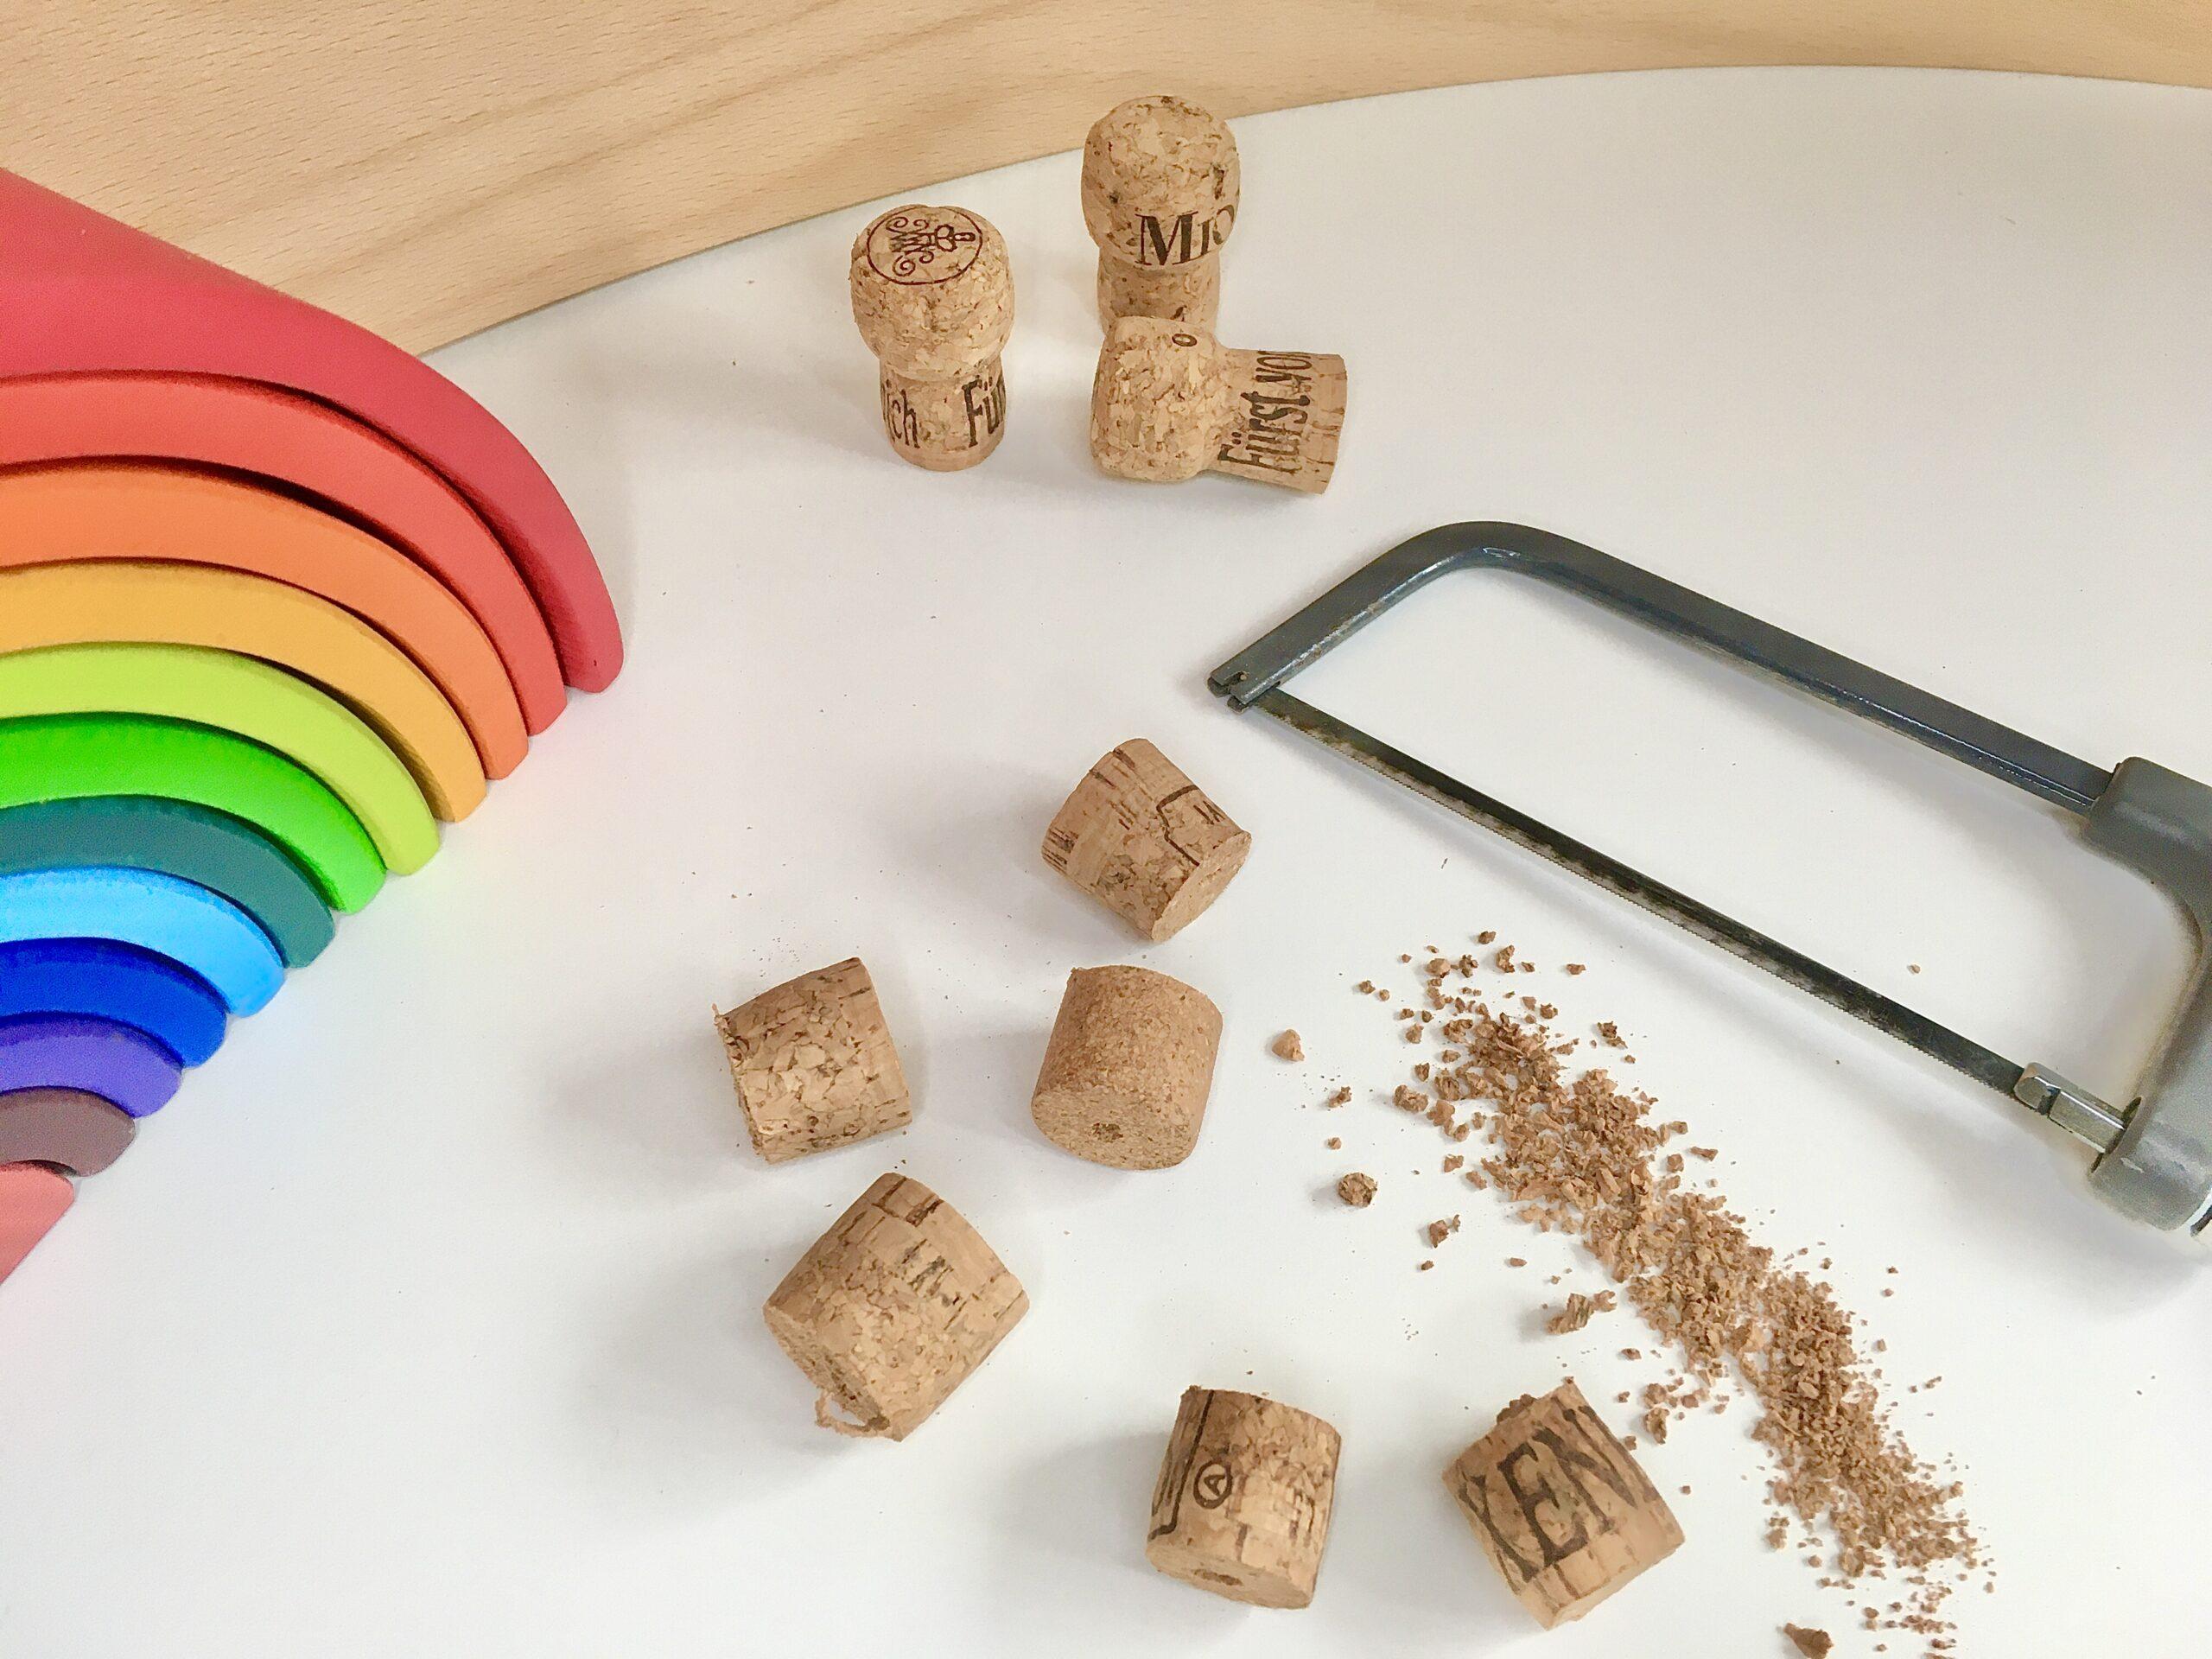 Regenbogen-Schlange aus Korken, Perlen, Spielzeug, #bastelnmitkindern #upcycling bunt, fantasiewerk.ch